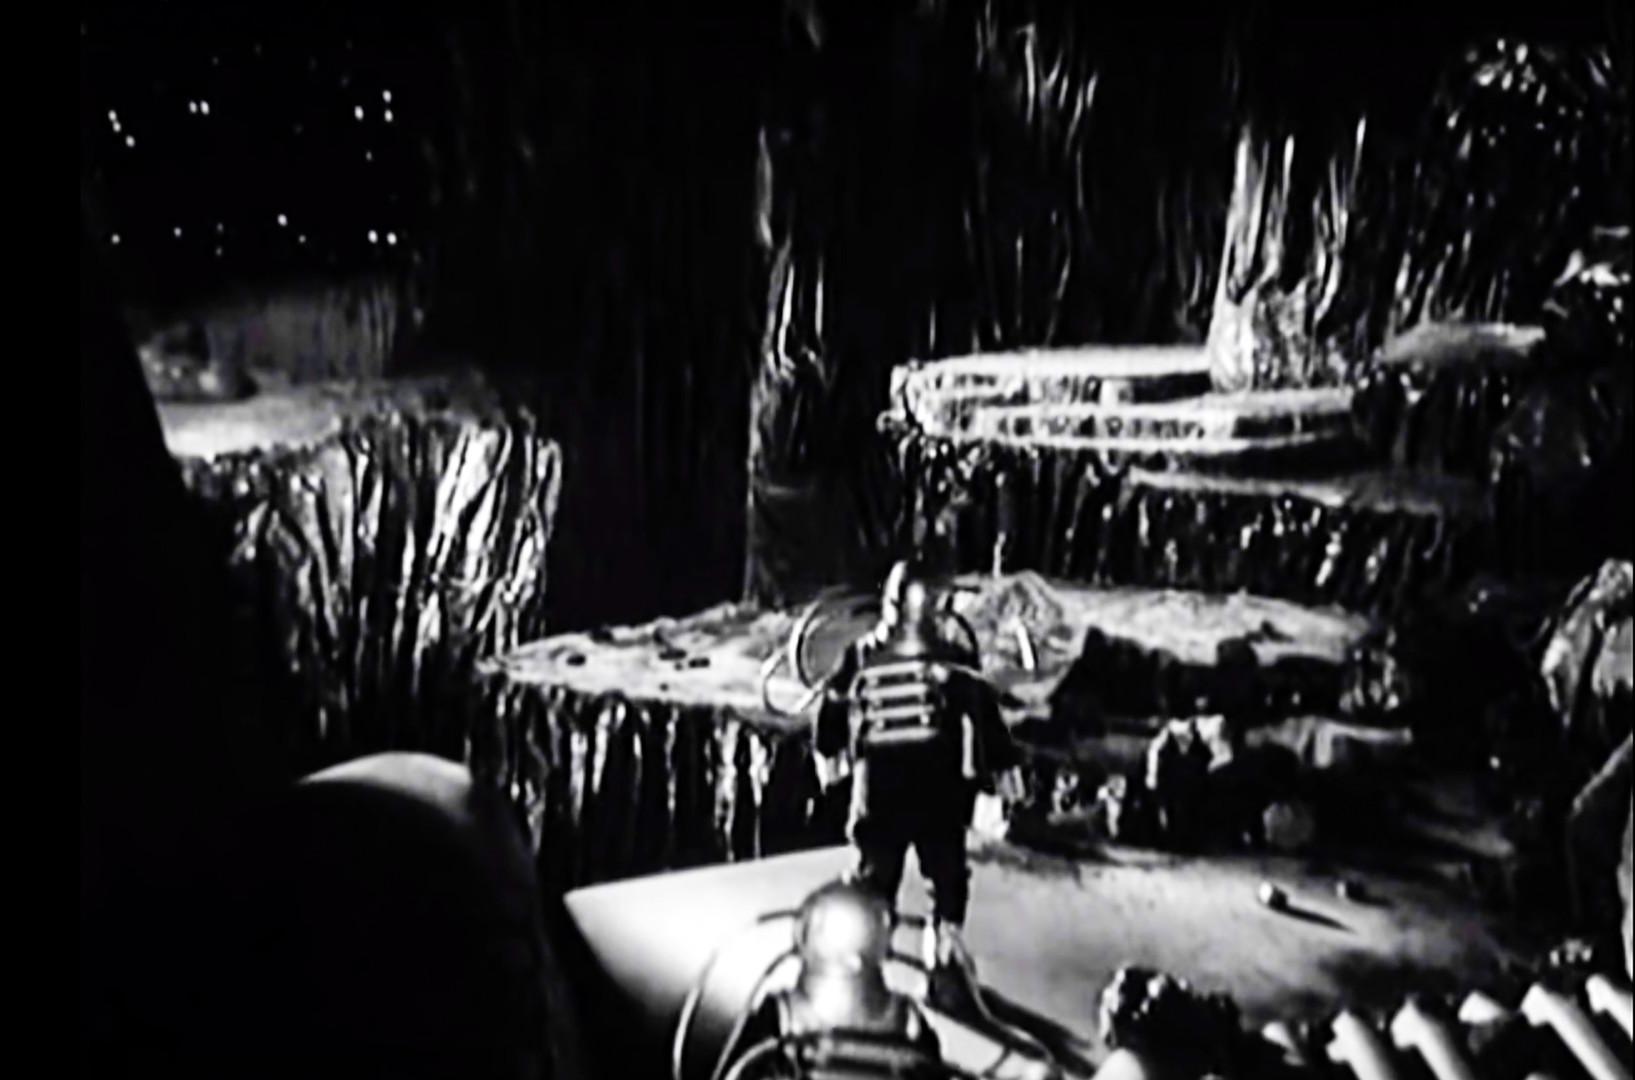 Vesoljsko potovanje. Prizor iz filma.